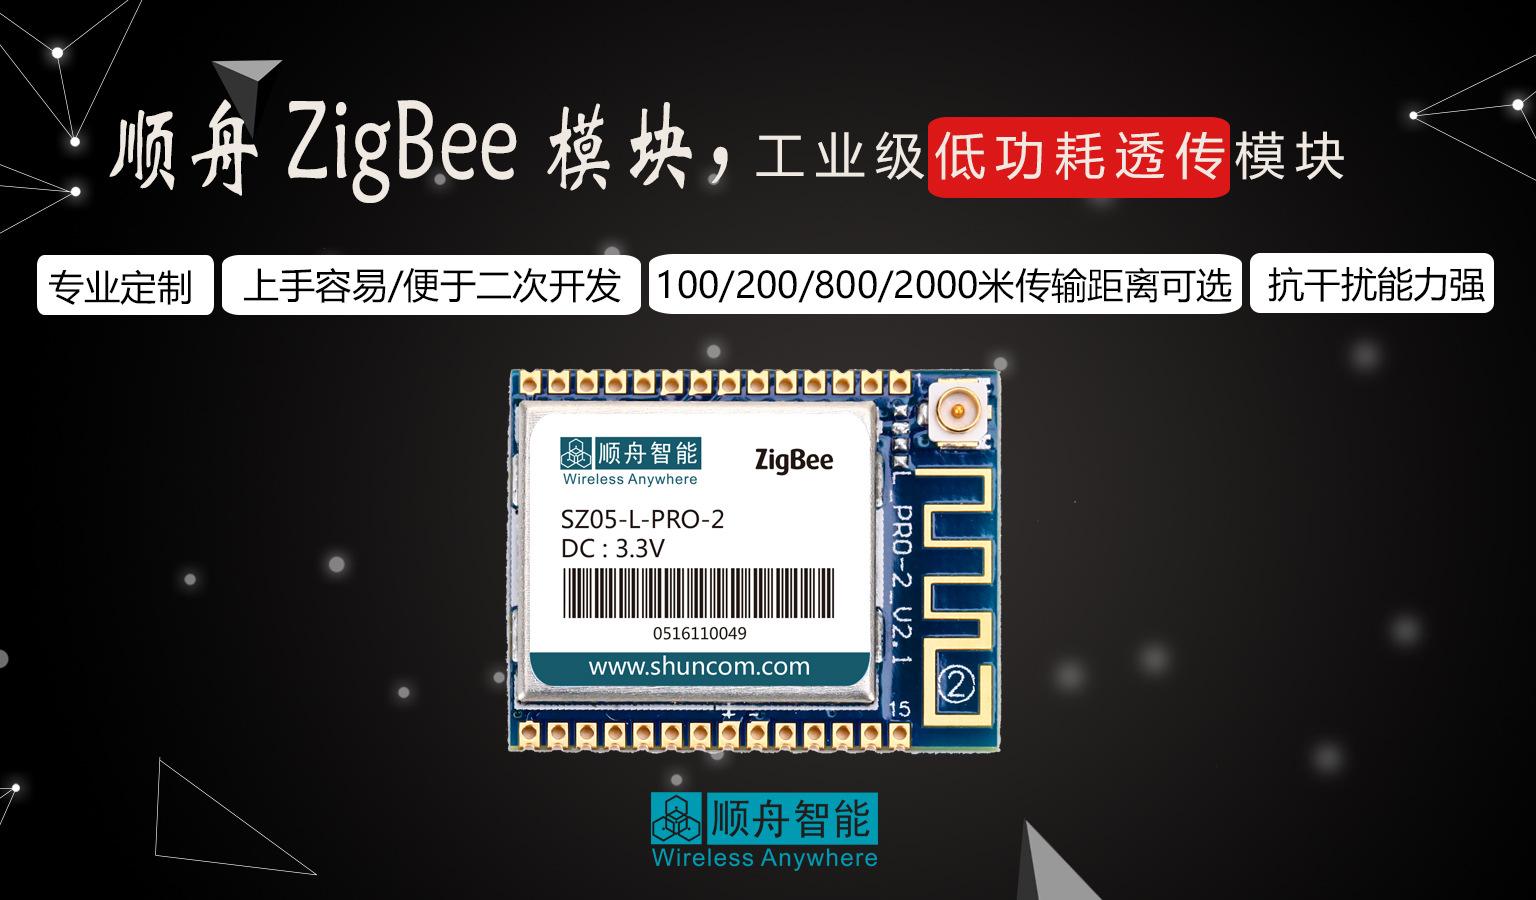 顺舟智能低功耗 Zigbee 无线数传模块 采用TI 2630芯片示例图2